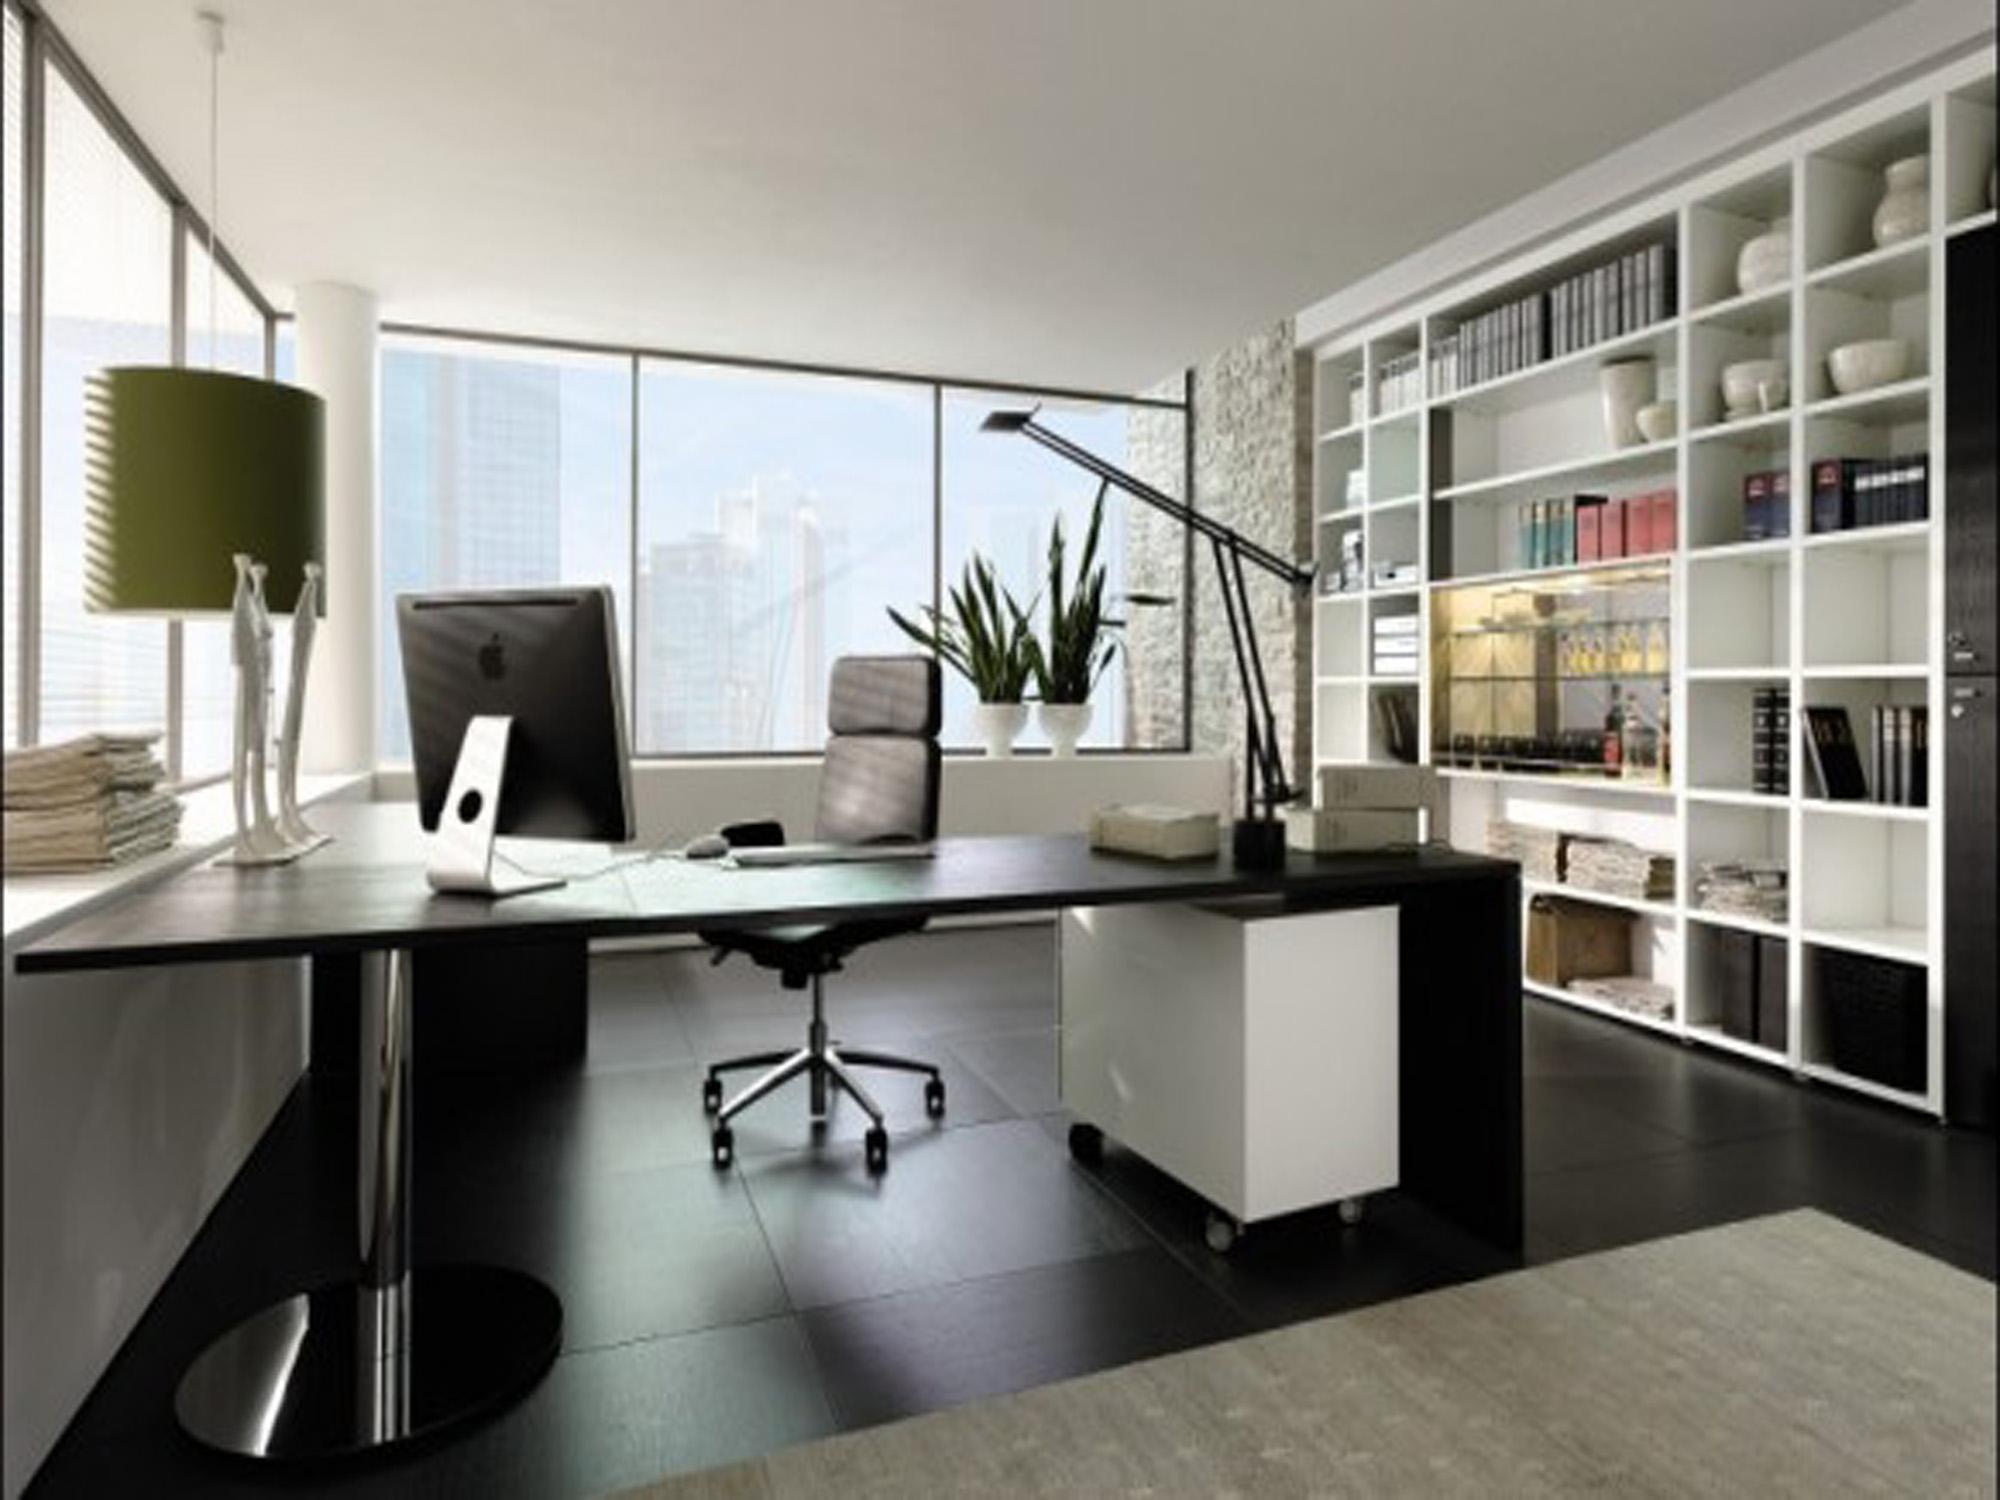 escritorio moderno em casa